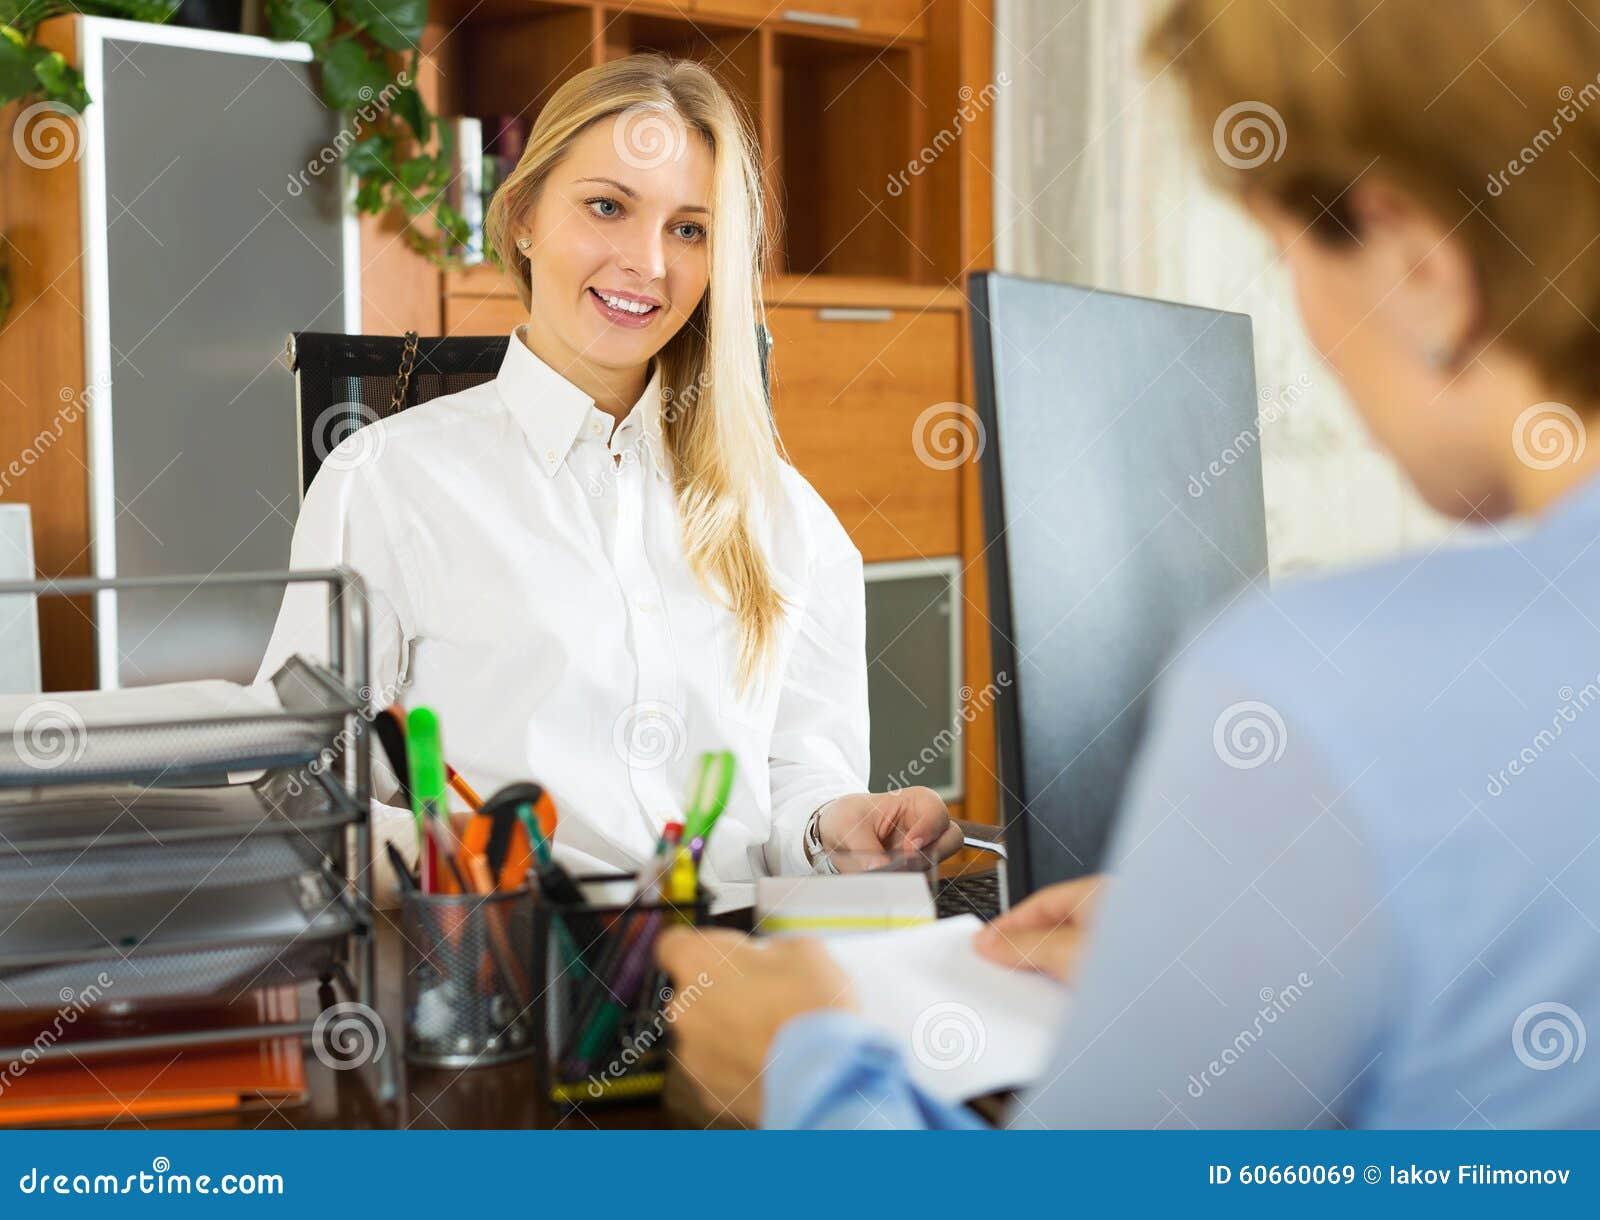 норме, вакансии секретаря в детский сад девушка имени